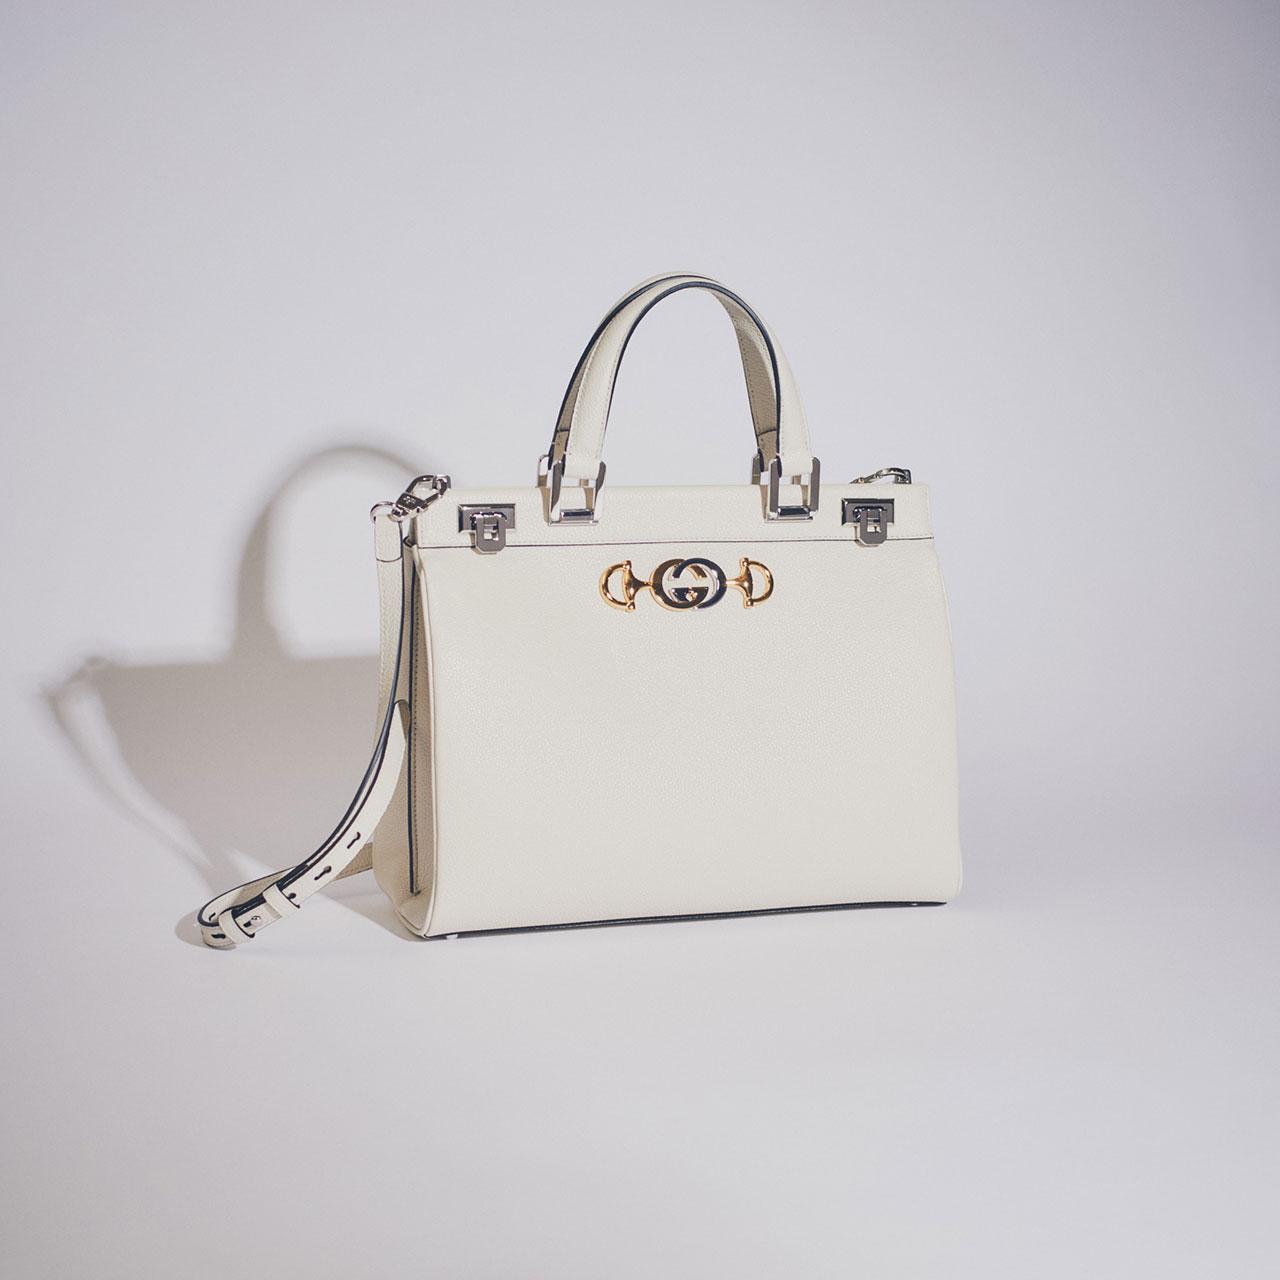 ¥435,000 [W33.5×H26×D11.5cm]、Gucci/グッチ ジャパン カスタマーサービス 0120-88-1921